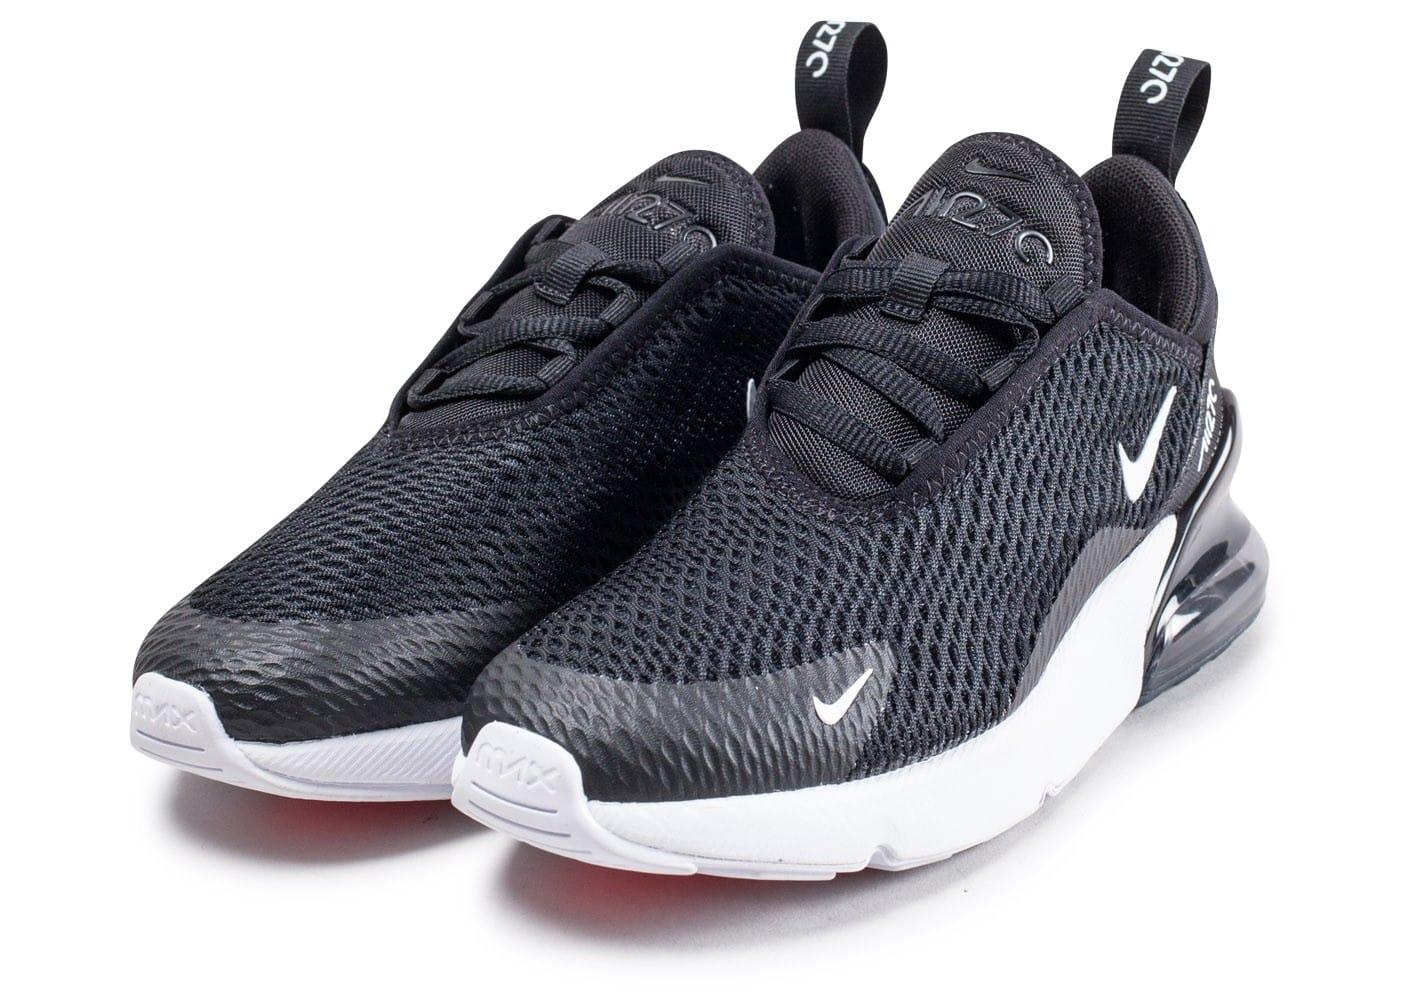 Acheter Nouvelle Mode Nike Air Max 270 Homme Chaussures Pas Cher Alainhemet